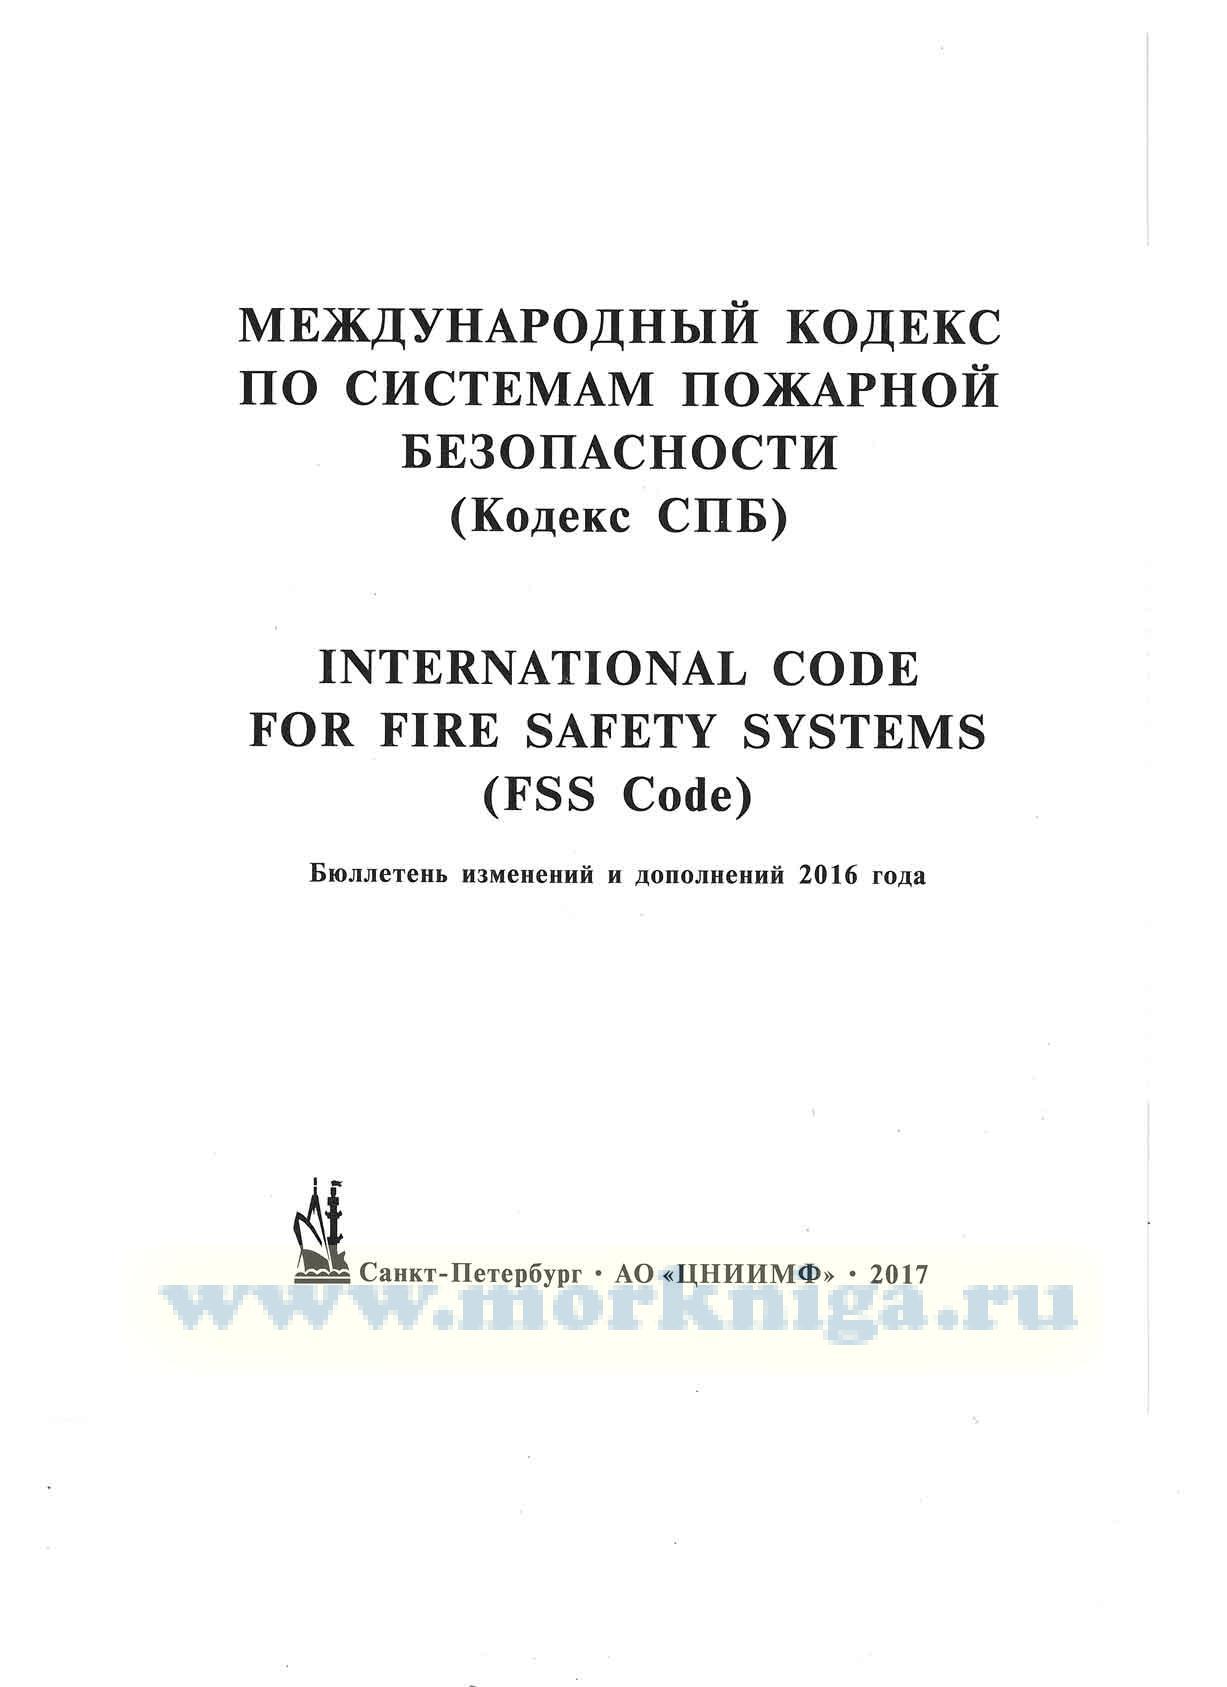 Бюллетень изменений и дополнений 2016 года к Международному кодексу по системам пожарной безопасности (Кодекс СПБ)